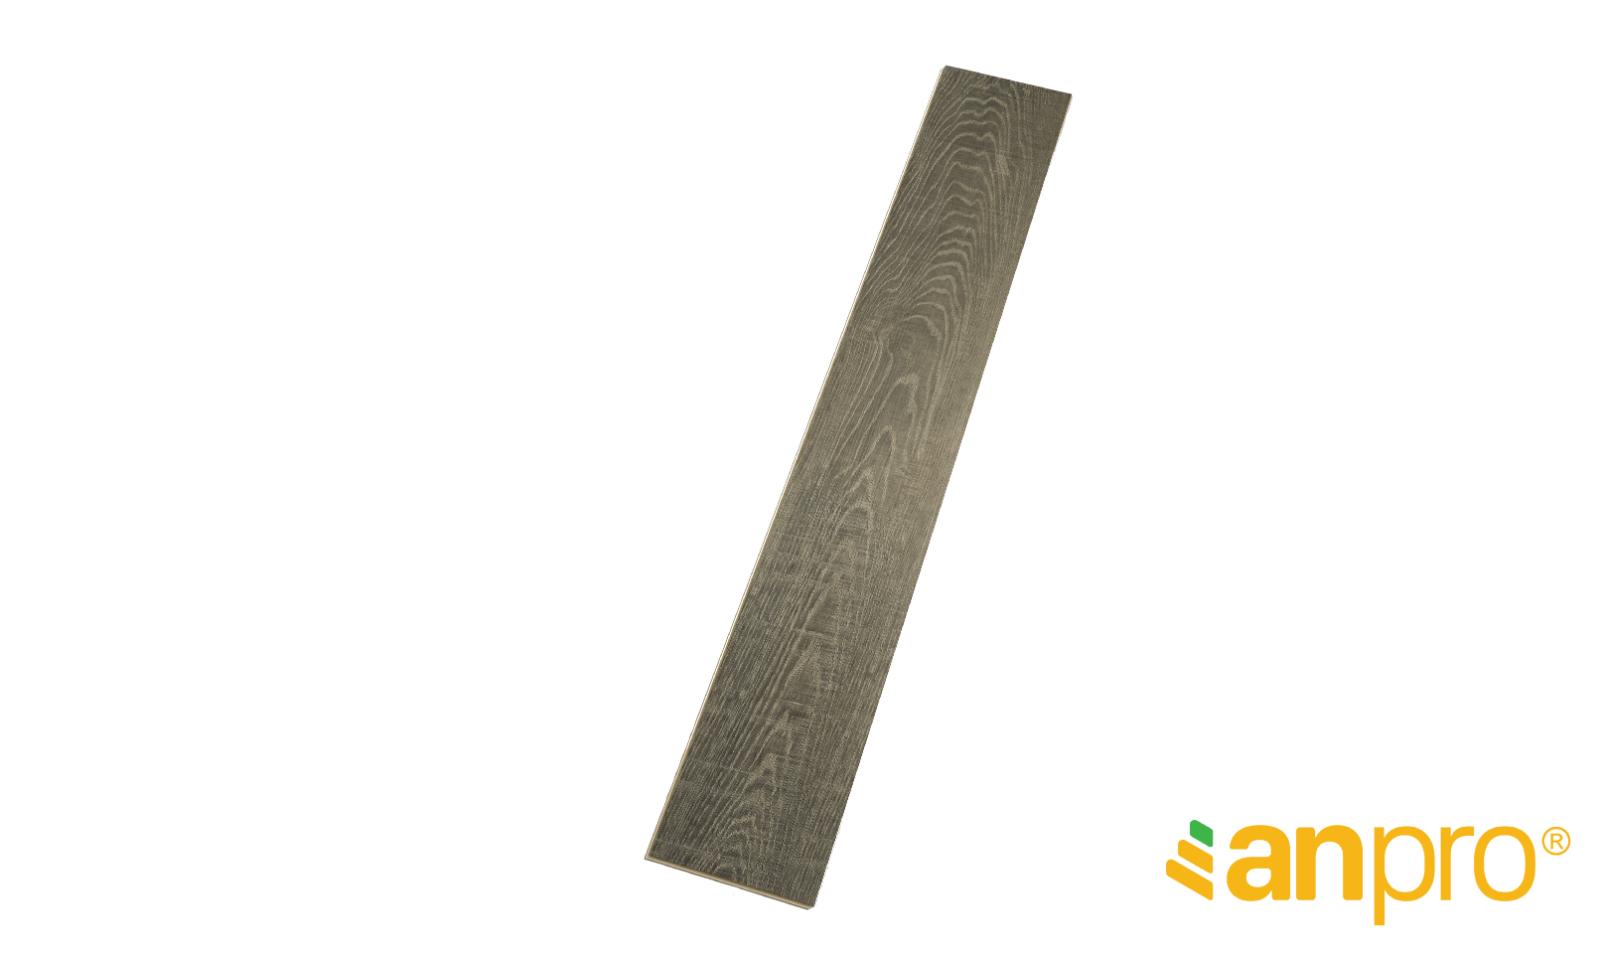 BTF 68025 6 AnPro 1 01 - Sàn AnPro vân gỗ SA111